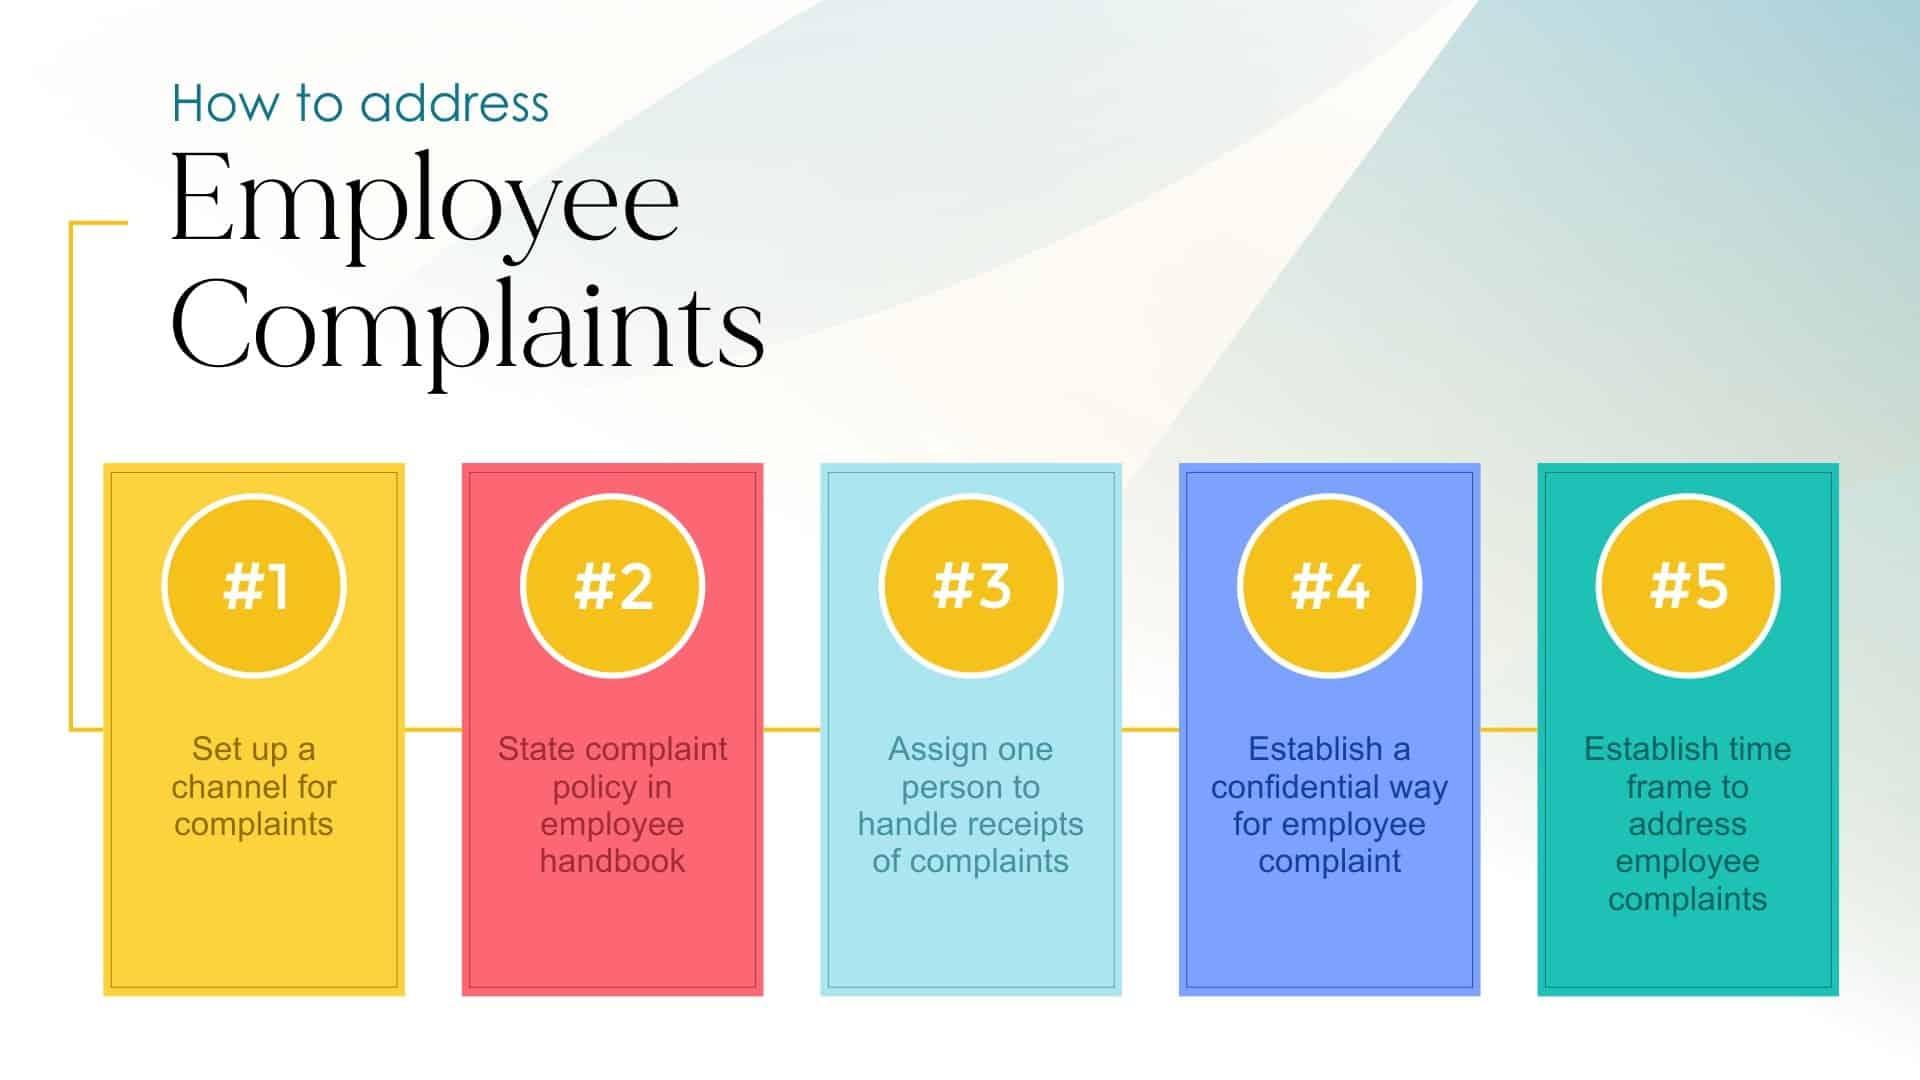 200916 - Employment & You Blog (No Logo)